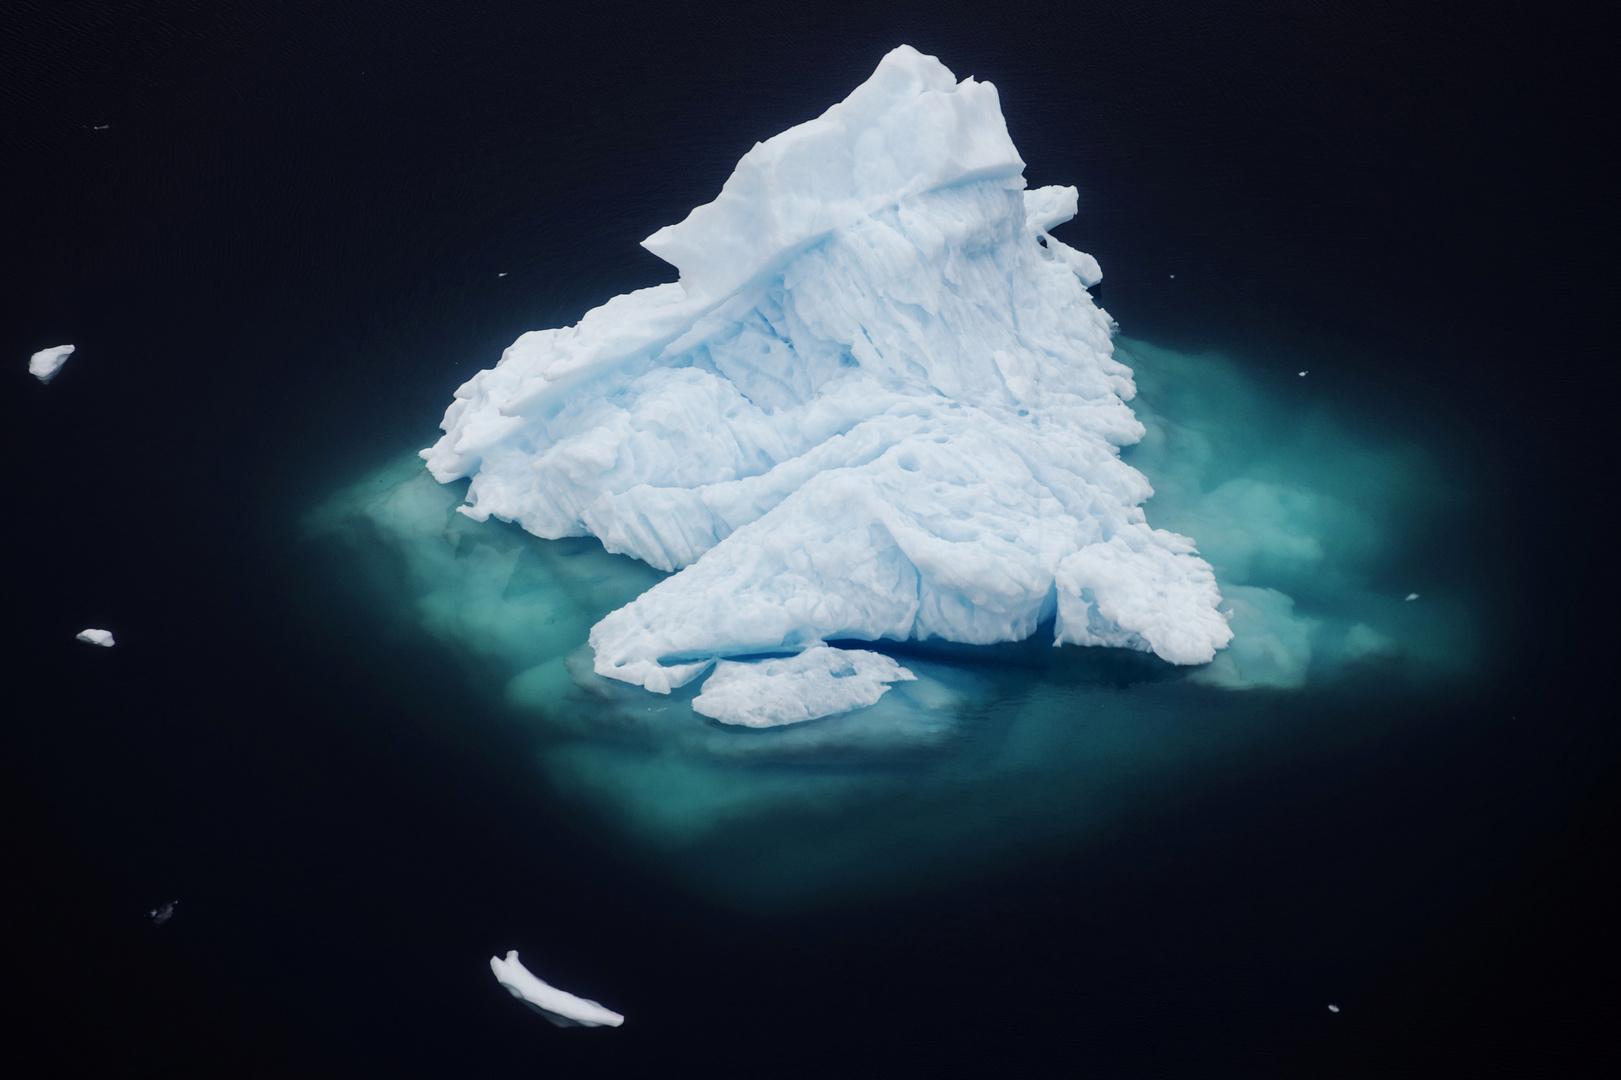 انهيار أحد الأنهار الجليدية بتأثير المناخ في غرينلاند